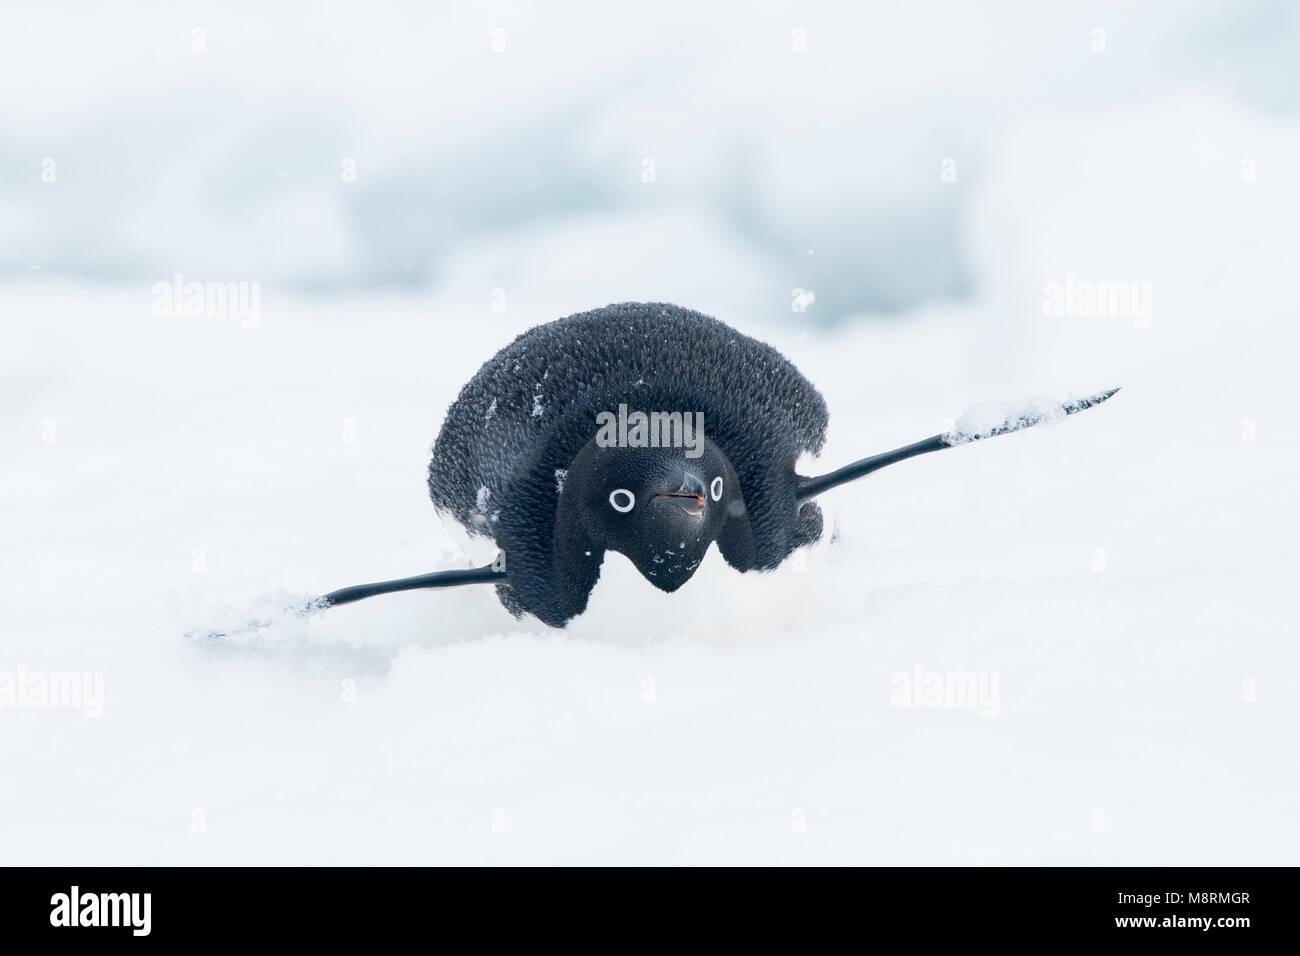 La nieve cae encima de un pingüino Adelia como se desliza a lo largo de la punta de un iceberg en su vientre, también Foto de stock